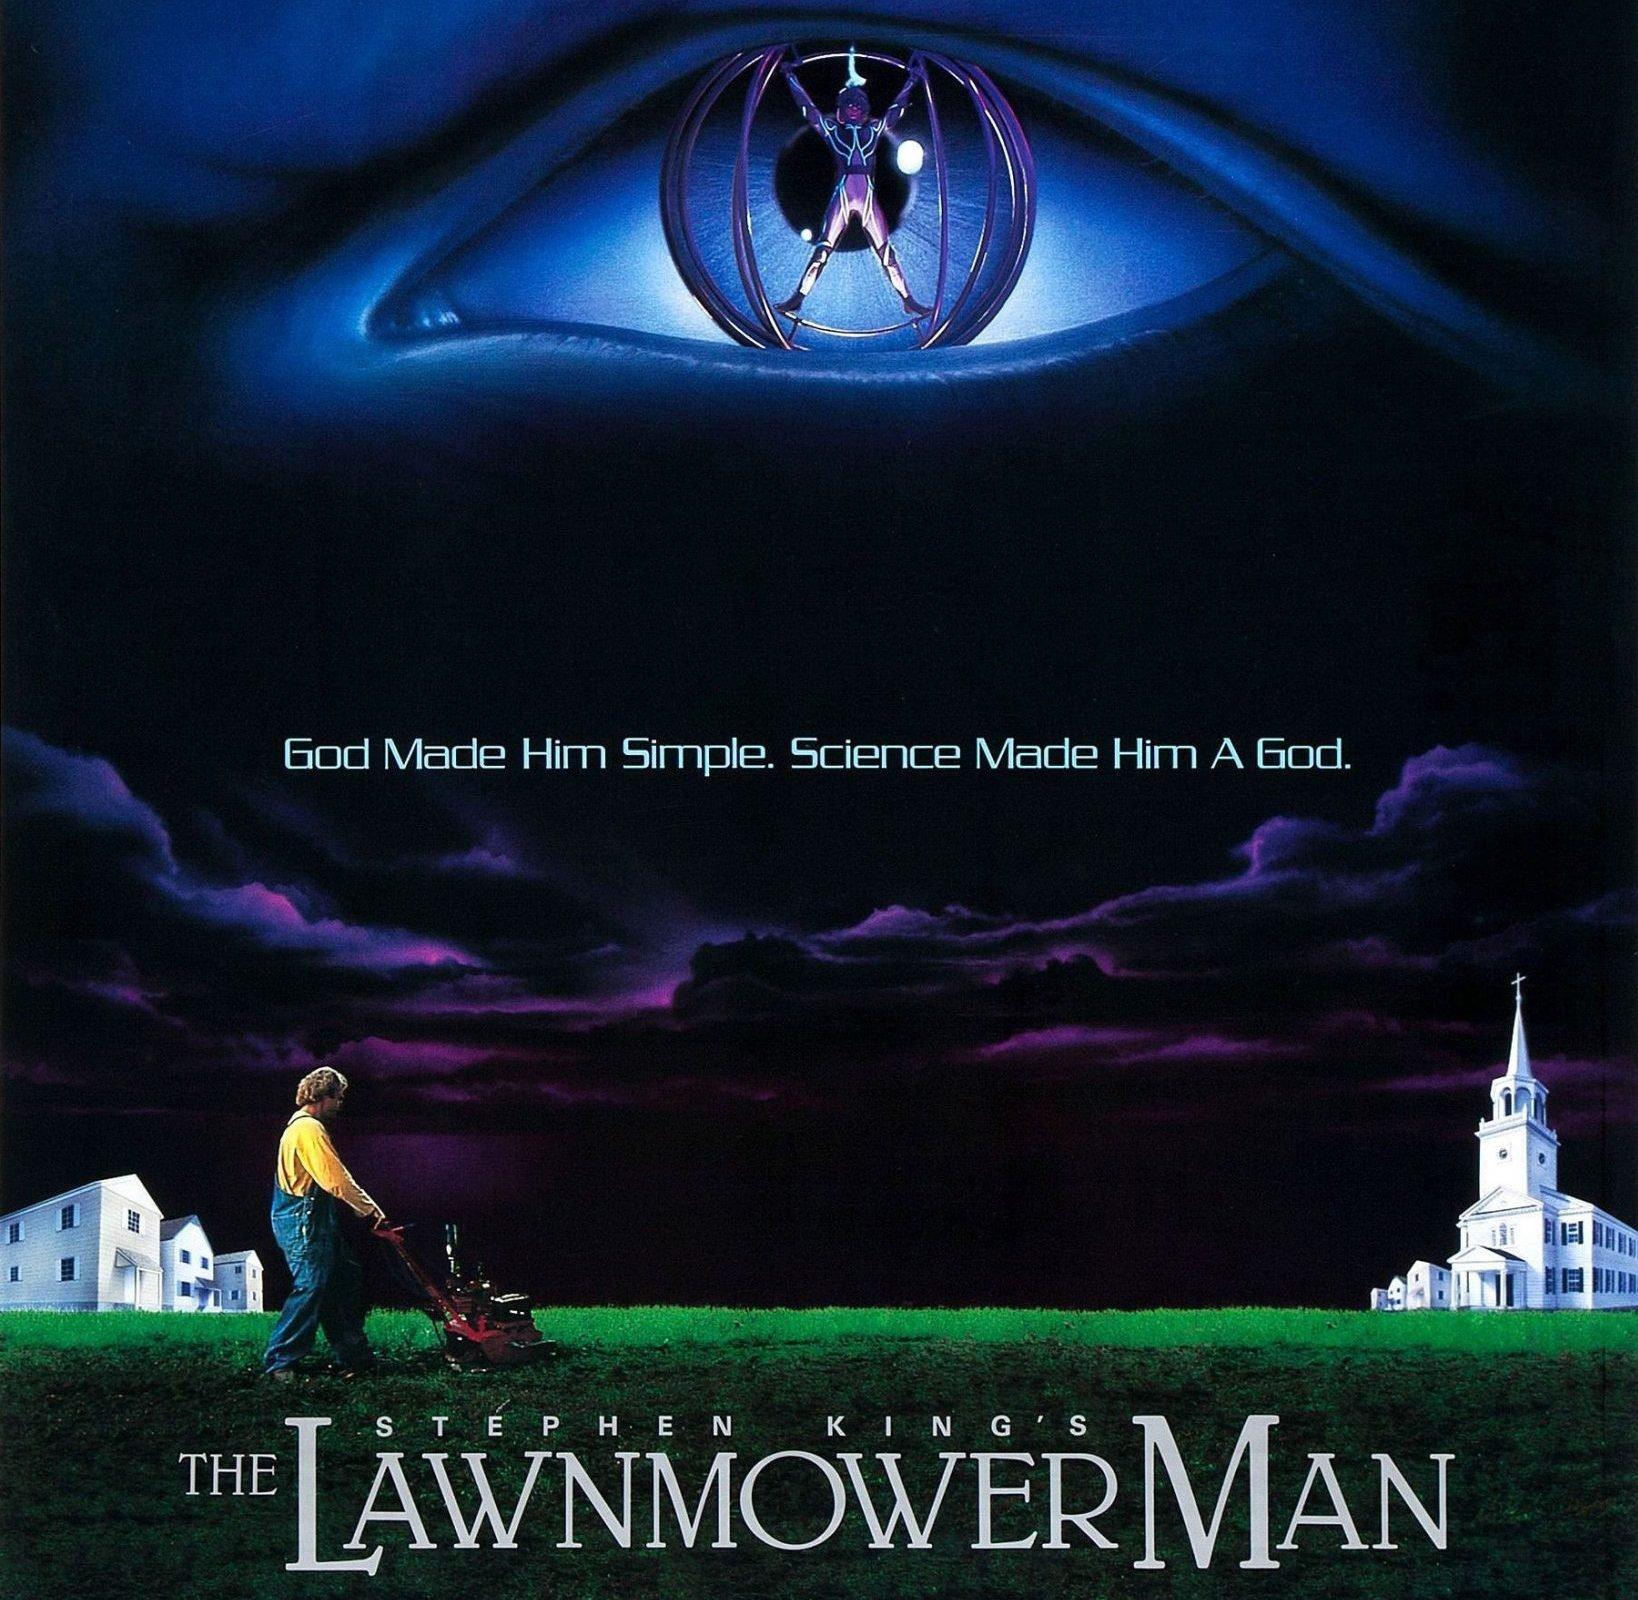 MV5BYWZhODdkMTEtMzBmNy00NzU5LWIzYjMtYTkwNWE3YTRjOTZkXkEyXkFqcGdeQXVyMTQxNzMzNDI@. V1 scaled e1628081468410 10 Mind-Altering Facts You Never Knew About The Lawnmower Man